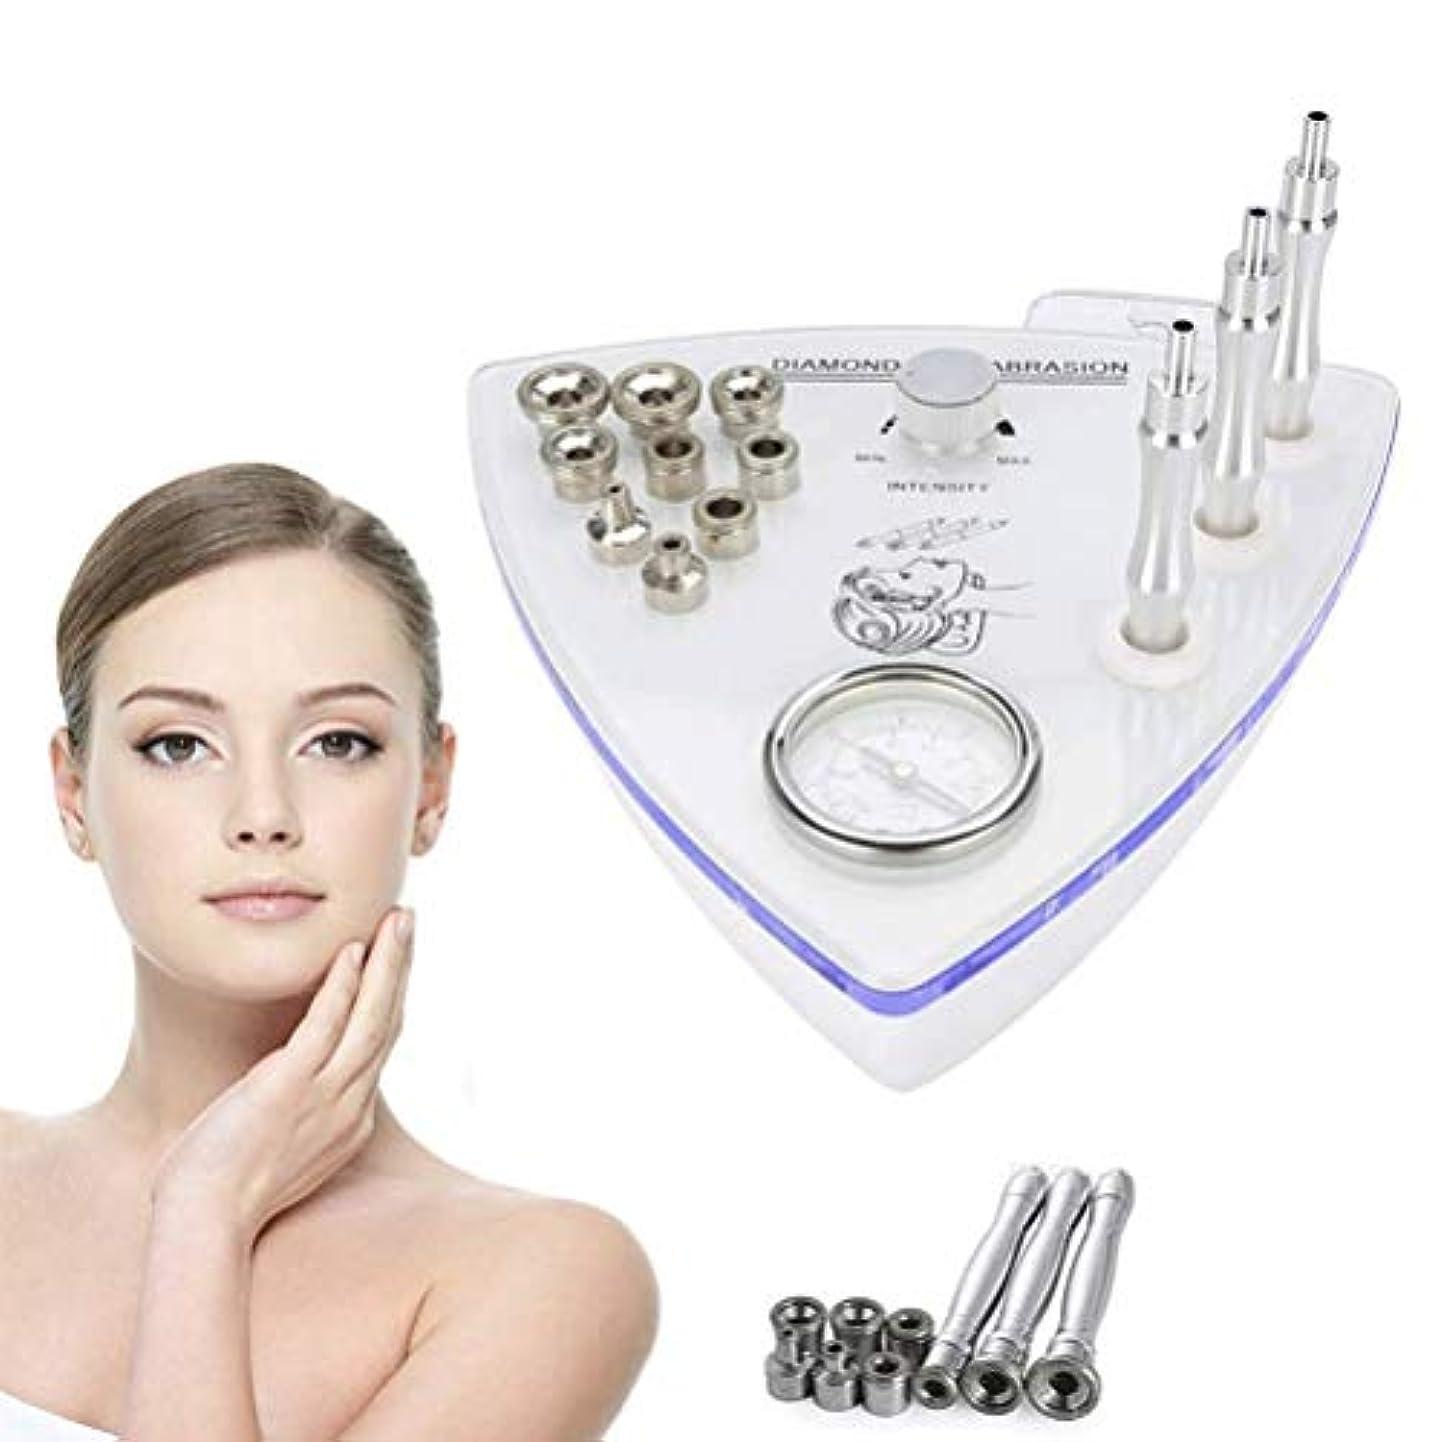 慈悲深いガロンモンキーフェイシャルマッサージ - 美容機ダイヤモンドマイクロダーマブレーション皮膚剥離マシンスプレーガン水では、真空吸引剥離スプレー